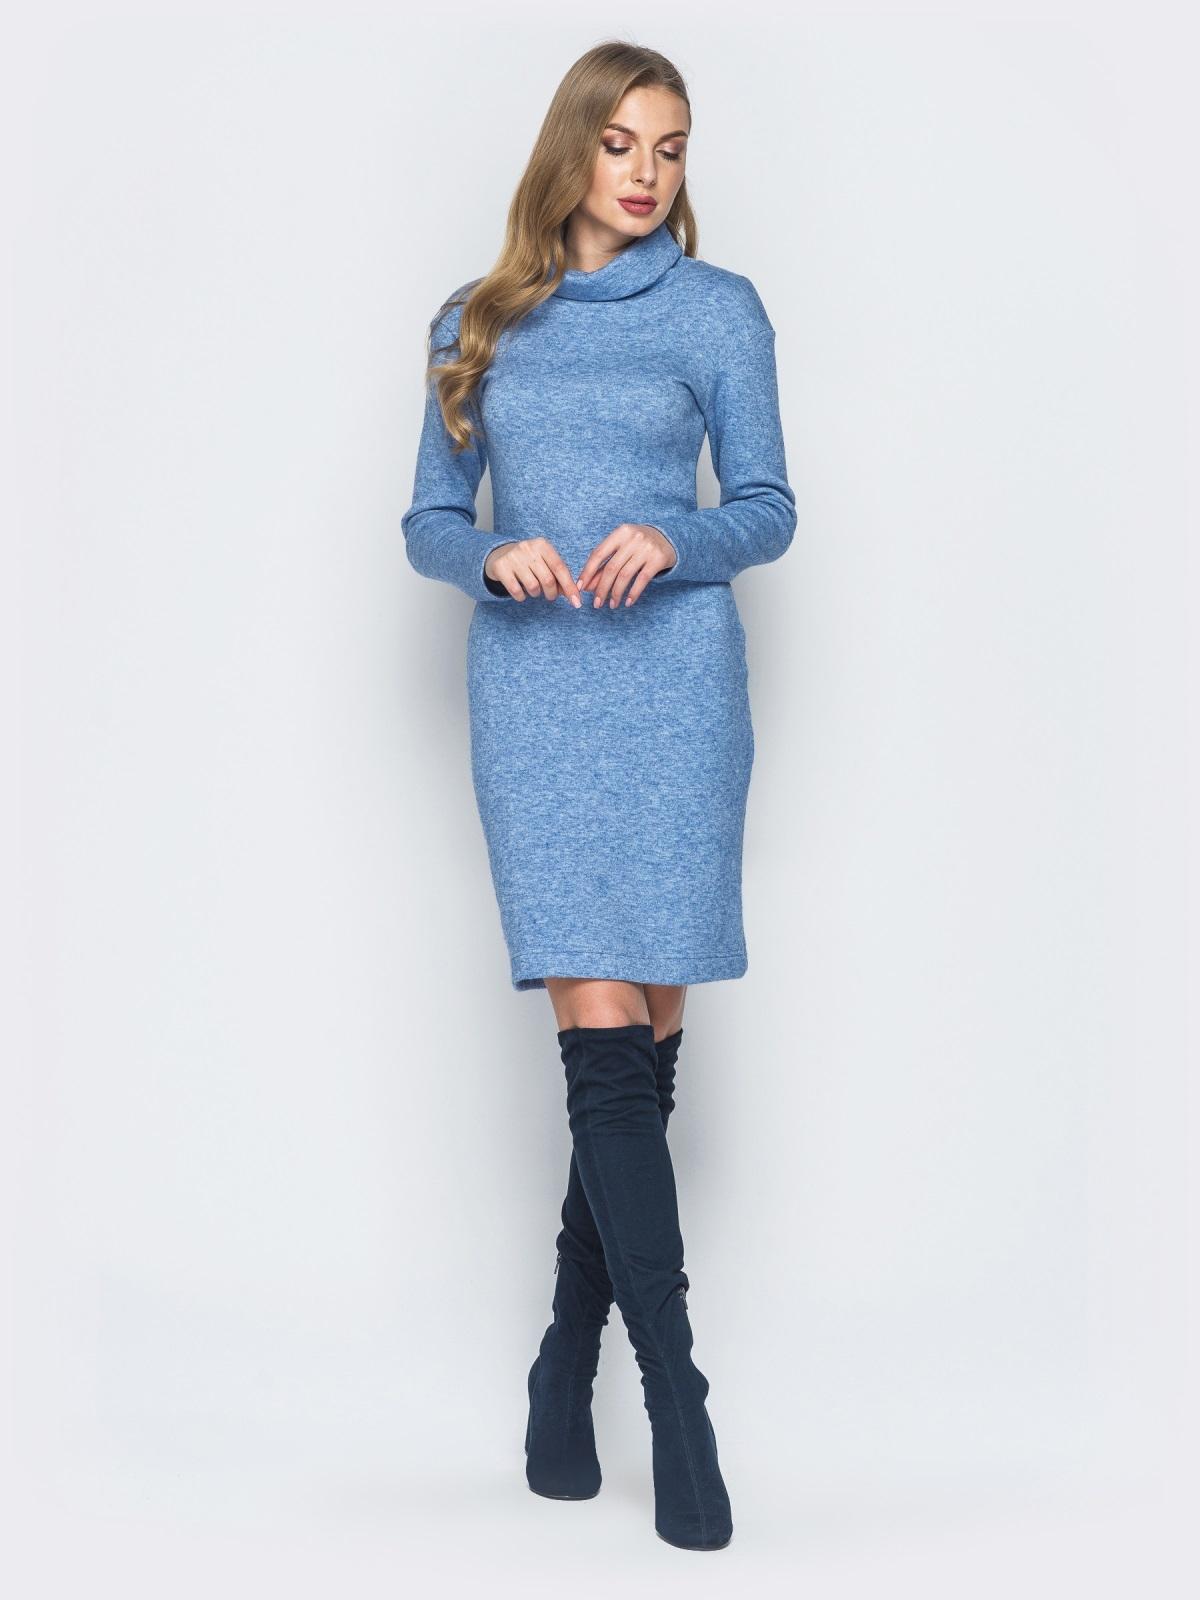 Платье-гольф голубого цвета из ангоры - 18682, фото 1 – интернет-магазин Dressa